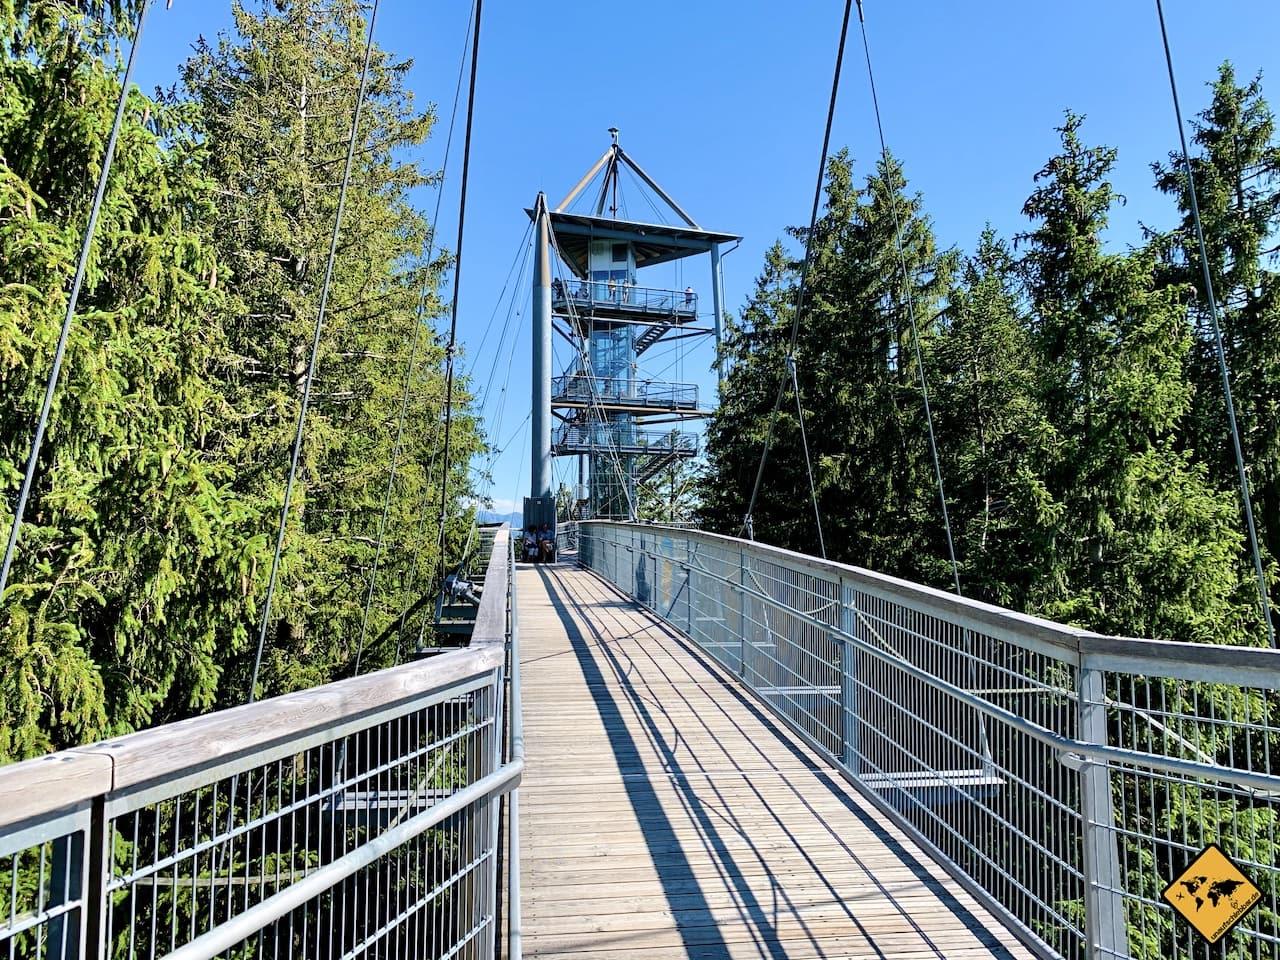 Aussichtsturm Hängebrücke Skywalk im Allgäu